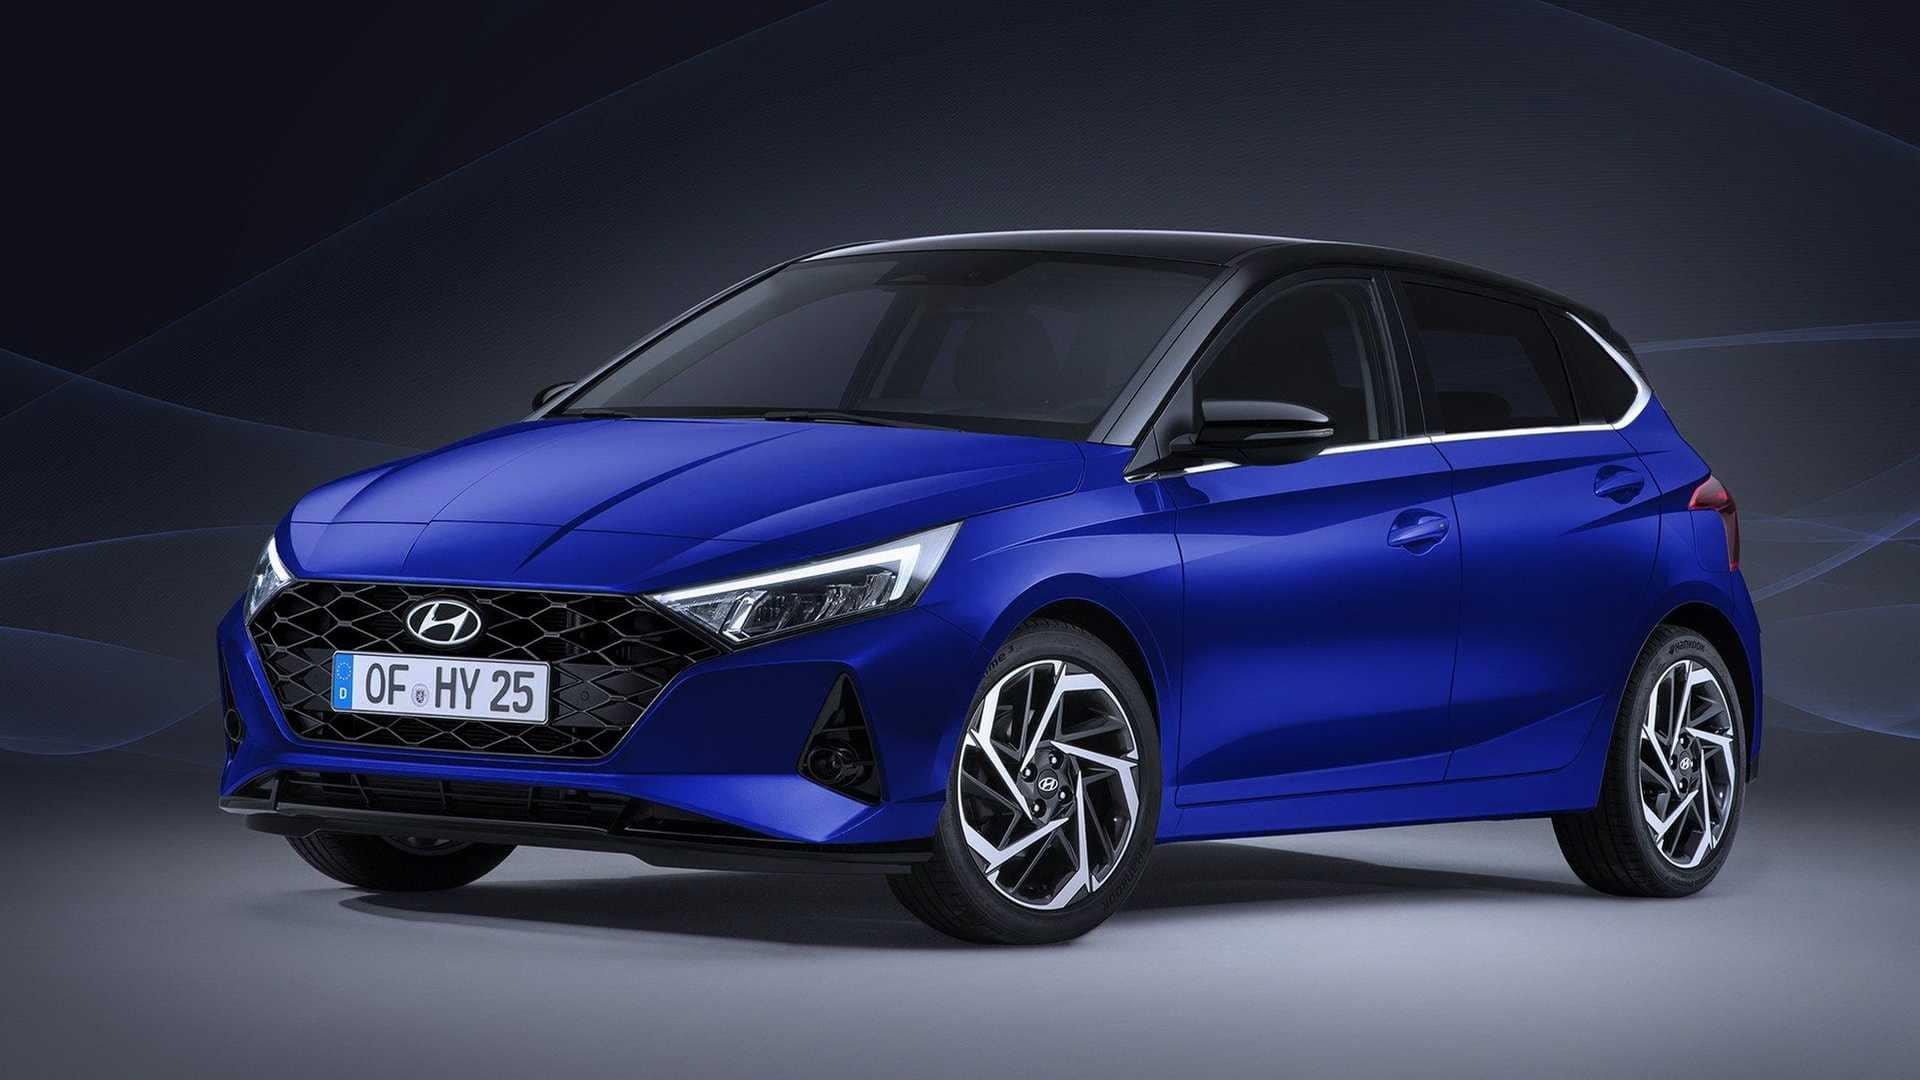 Nový Hyundai i20 bude stát za pozornost. Zachová si čtyřválec, nabídne hybrid a ostřejší design - anotační obrázek